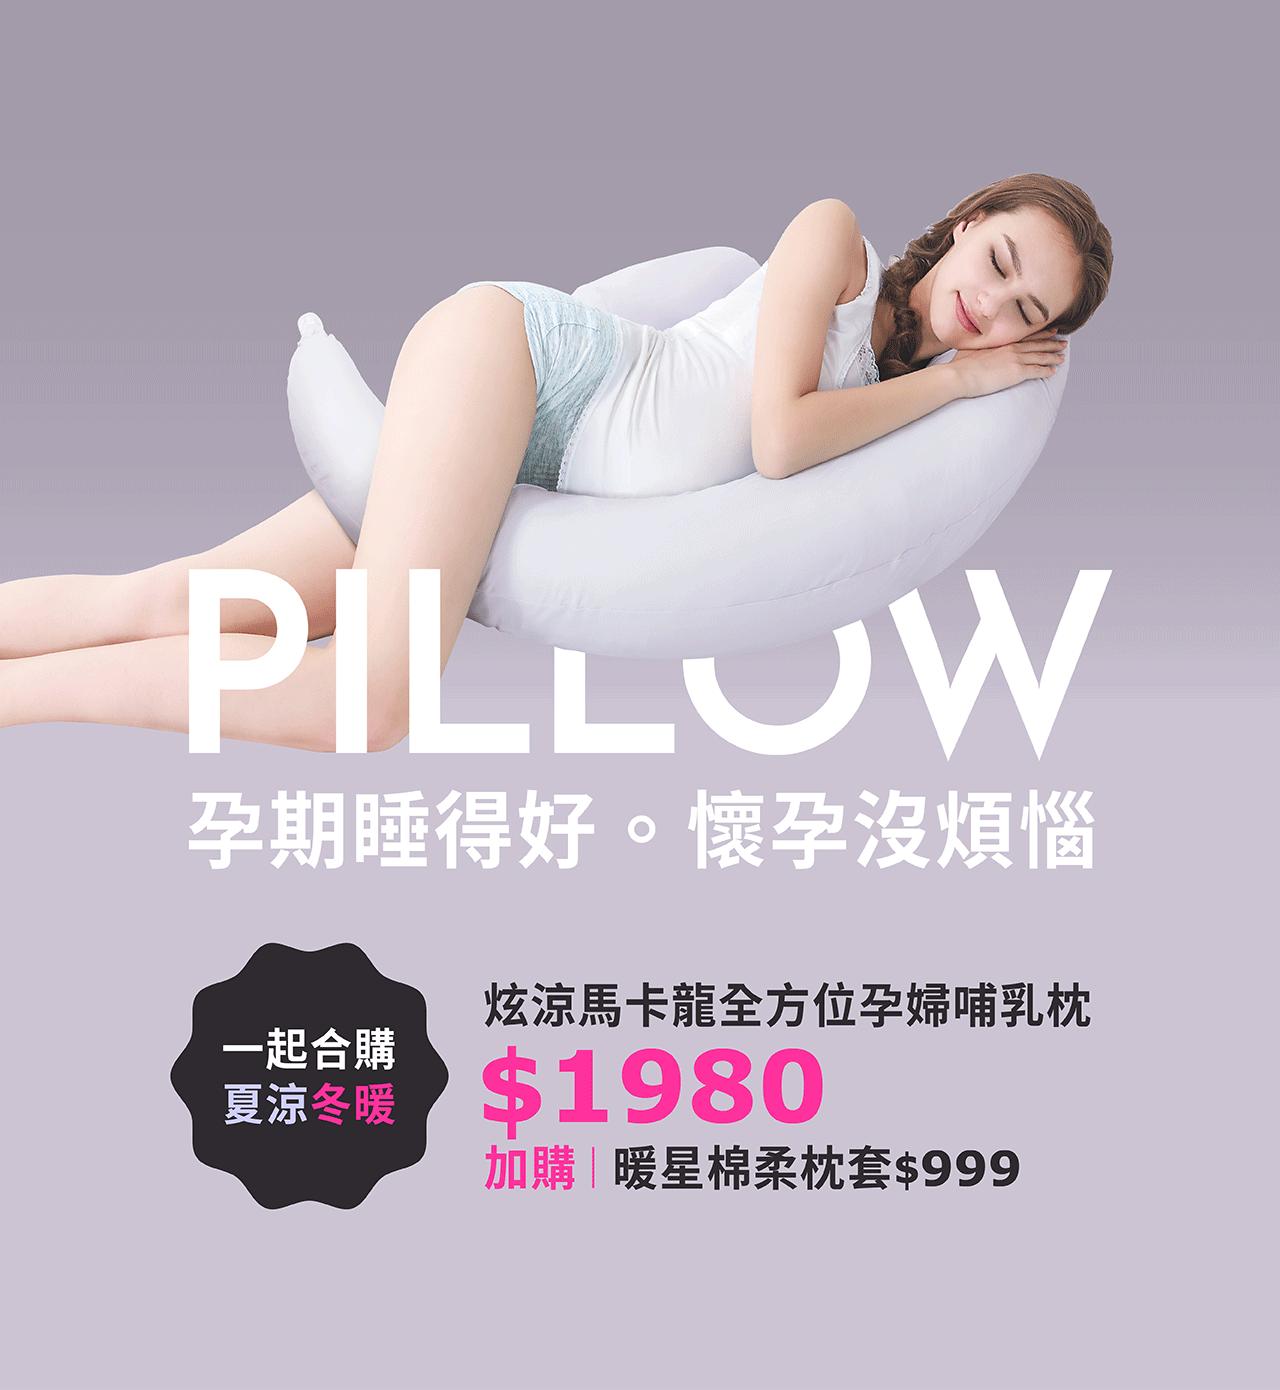 六甲村,炫涼馬卡龍孕婦哺乳枕,哺乳枕,月亮枕,孕婦枕